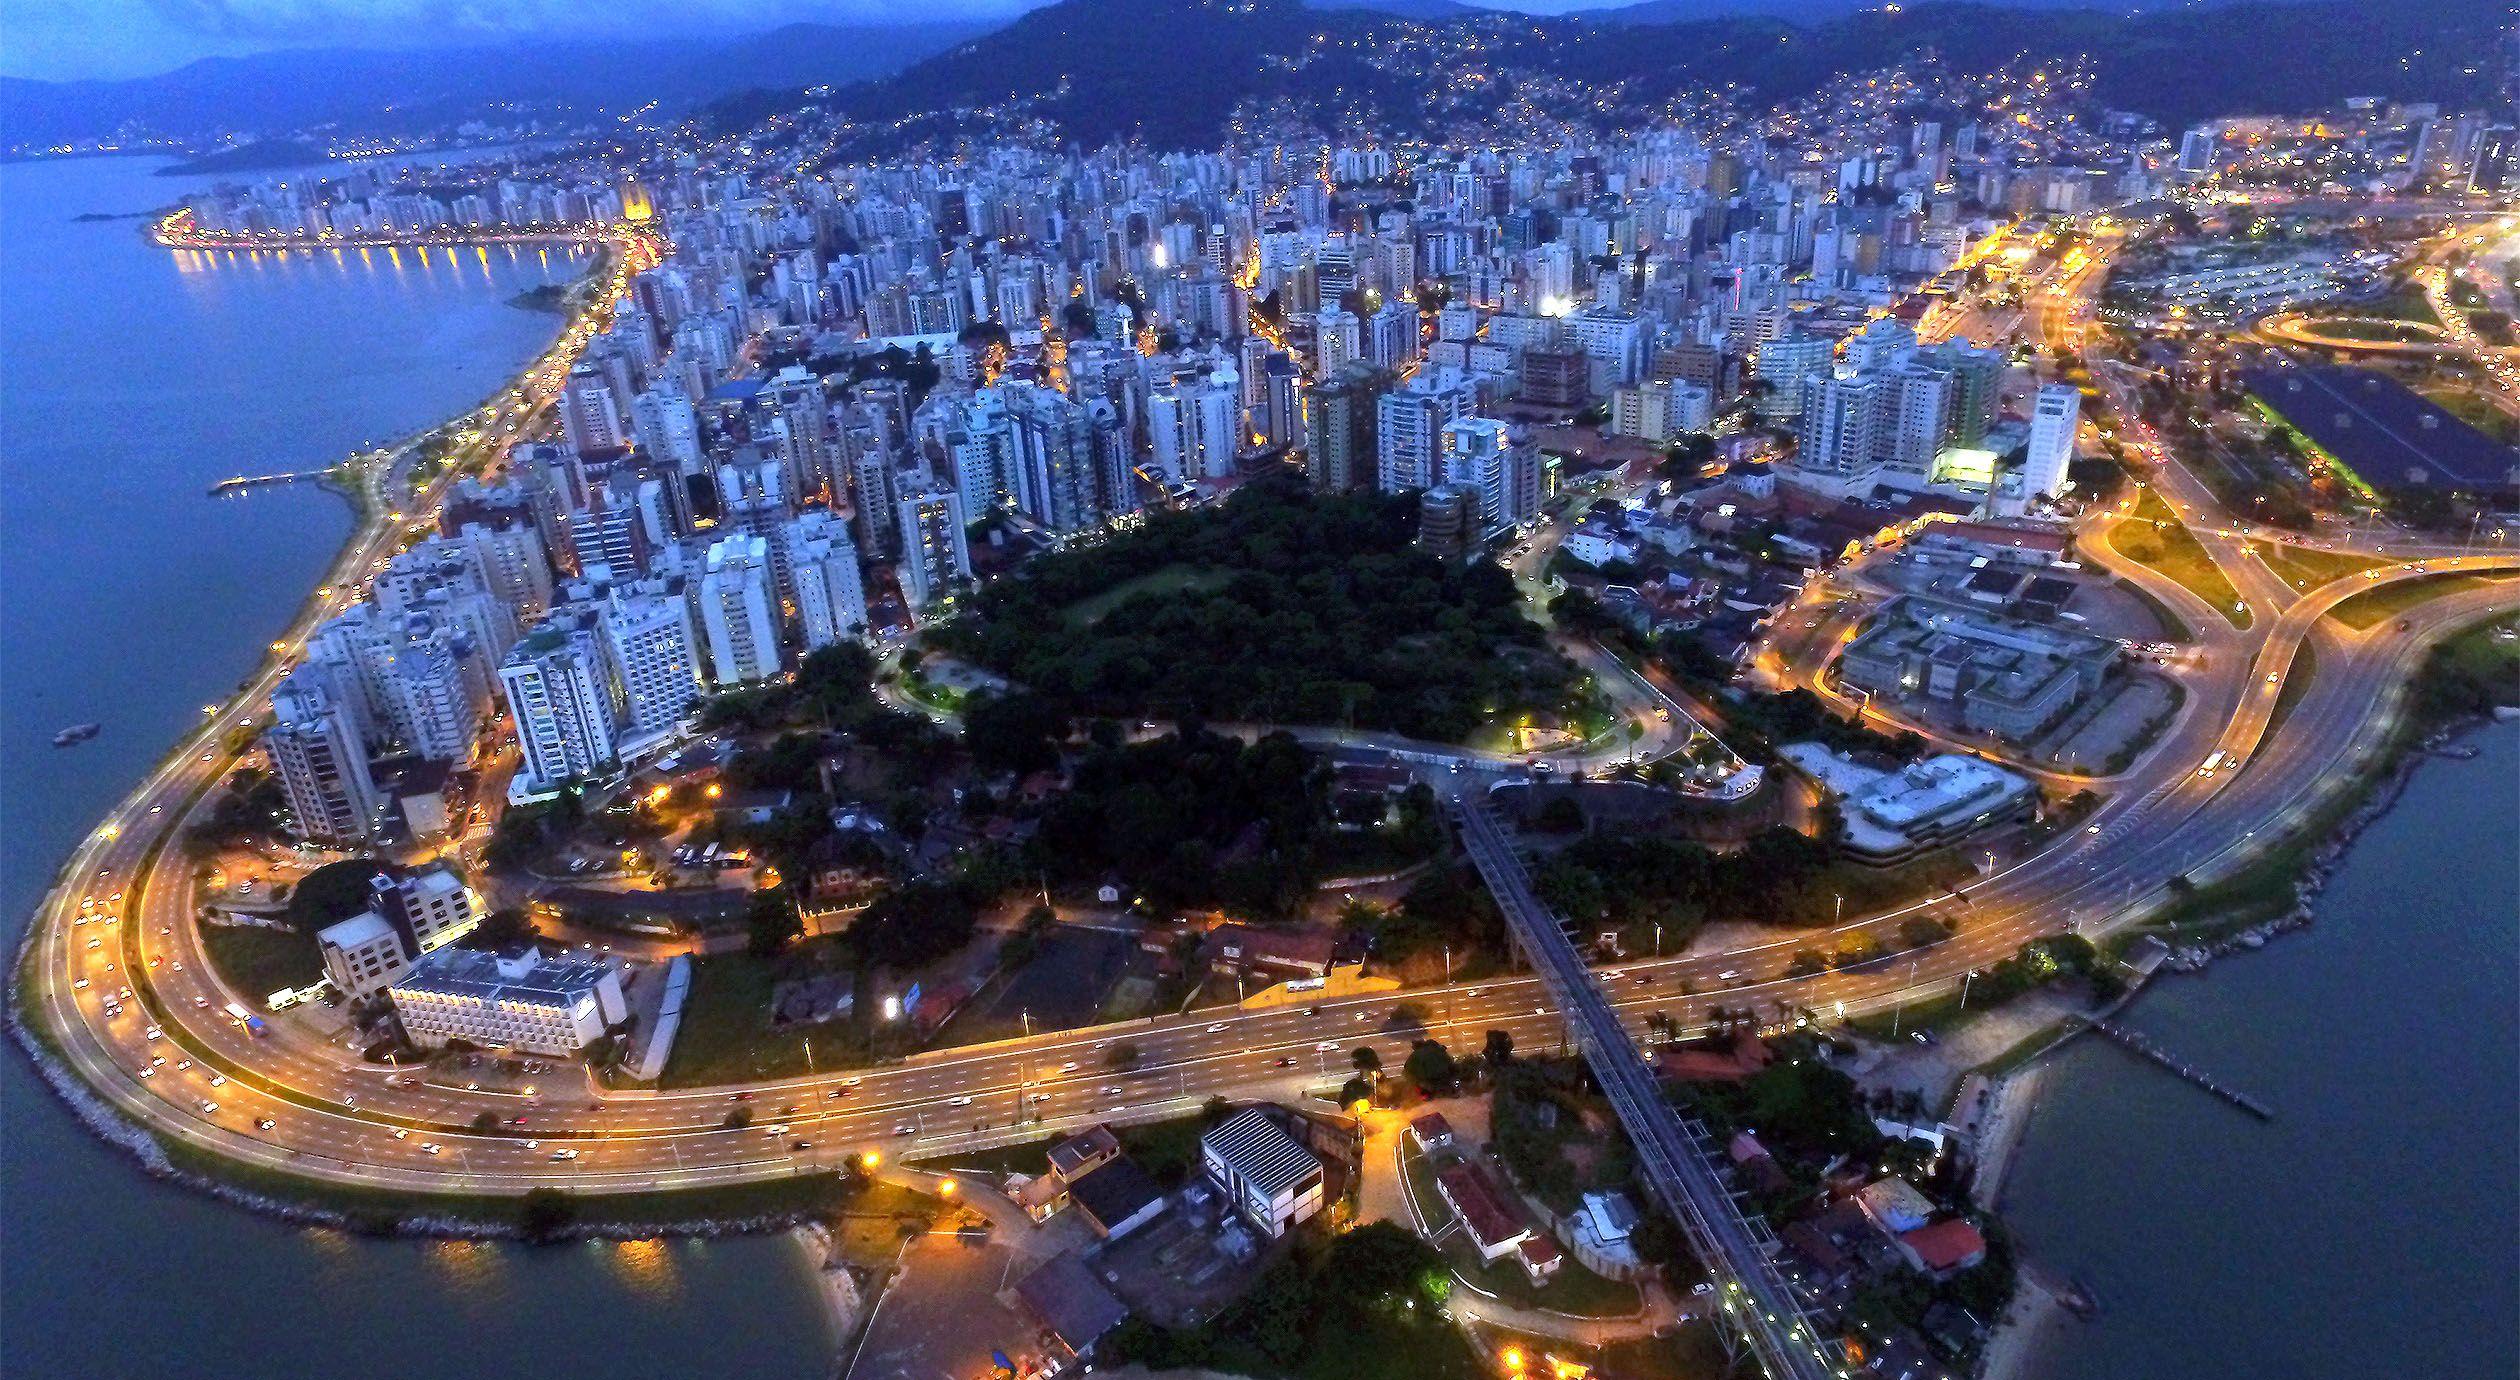 Vista aérea da cidade de Florianópolis em Santa Catarina - Captura da  imagem feita com drone. | Cidade, Fotos, 1